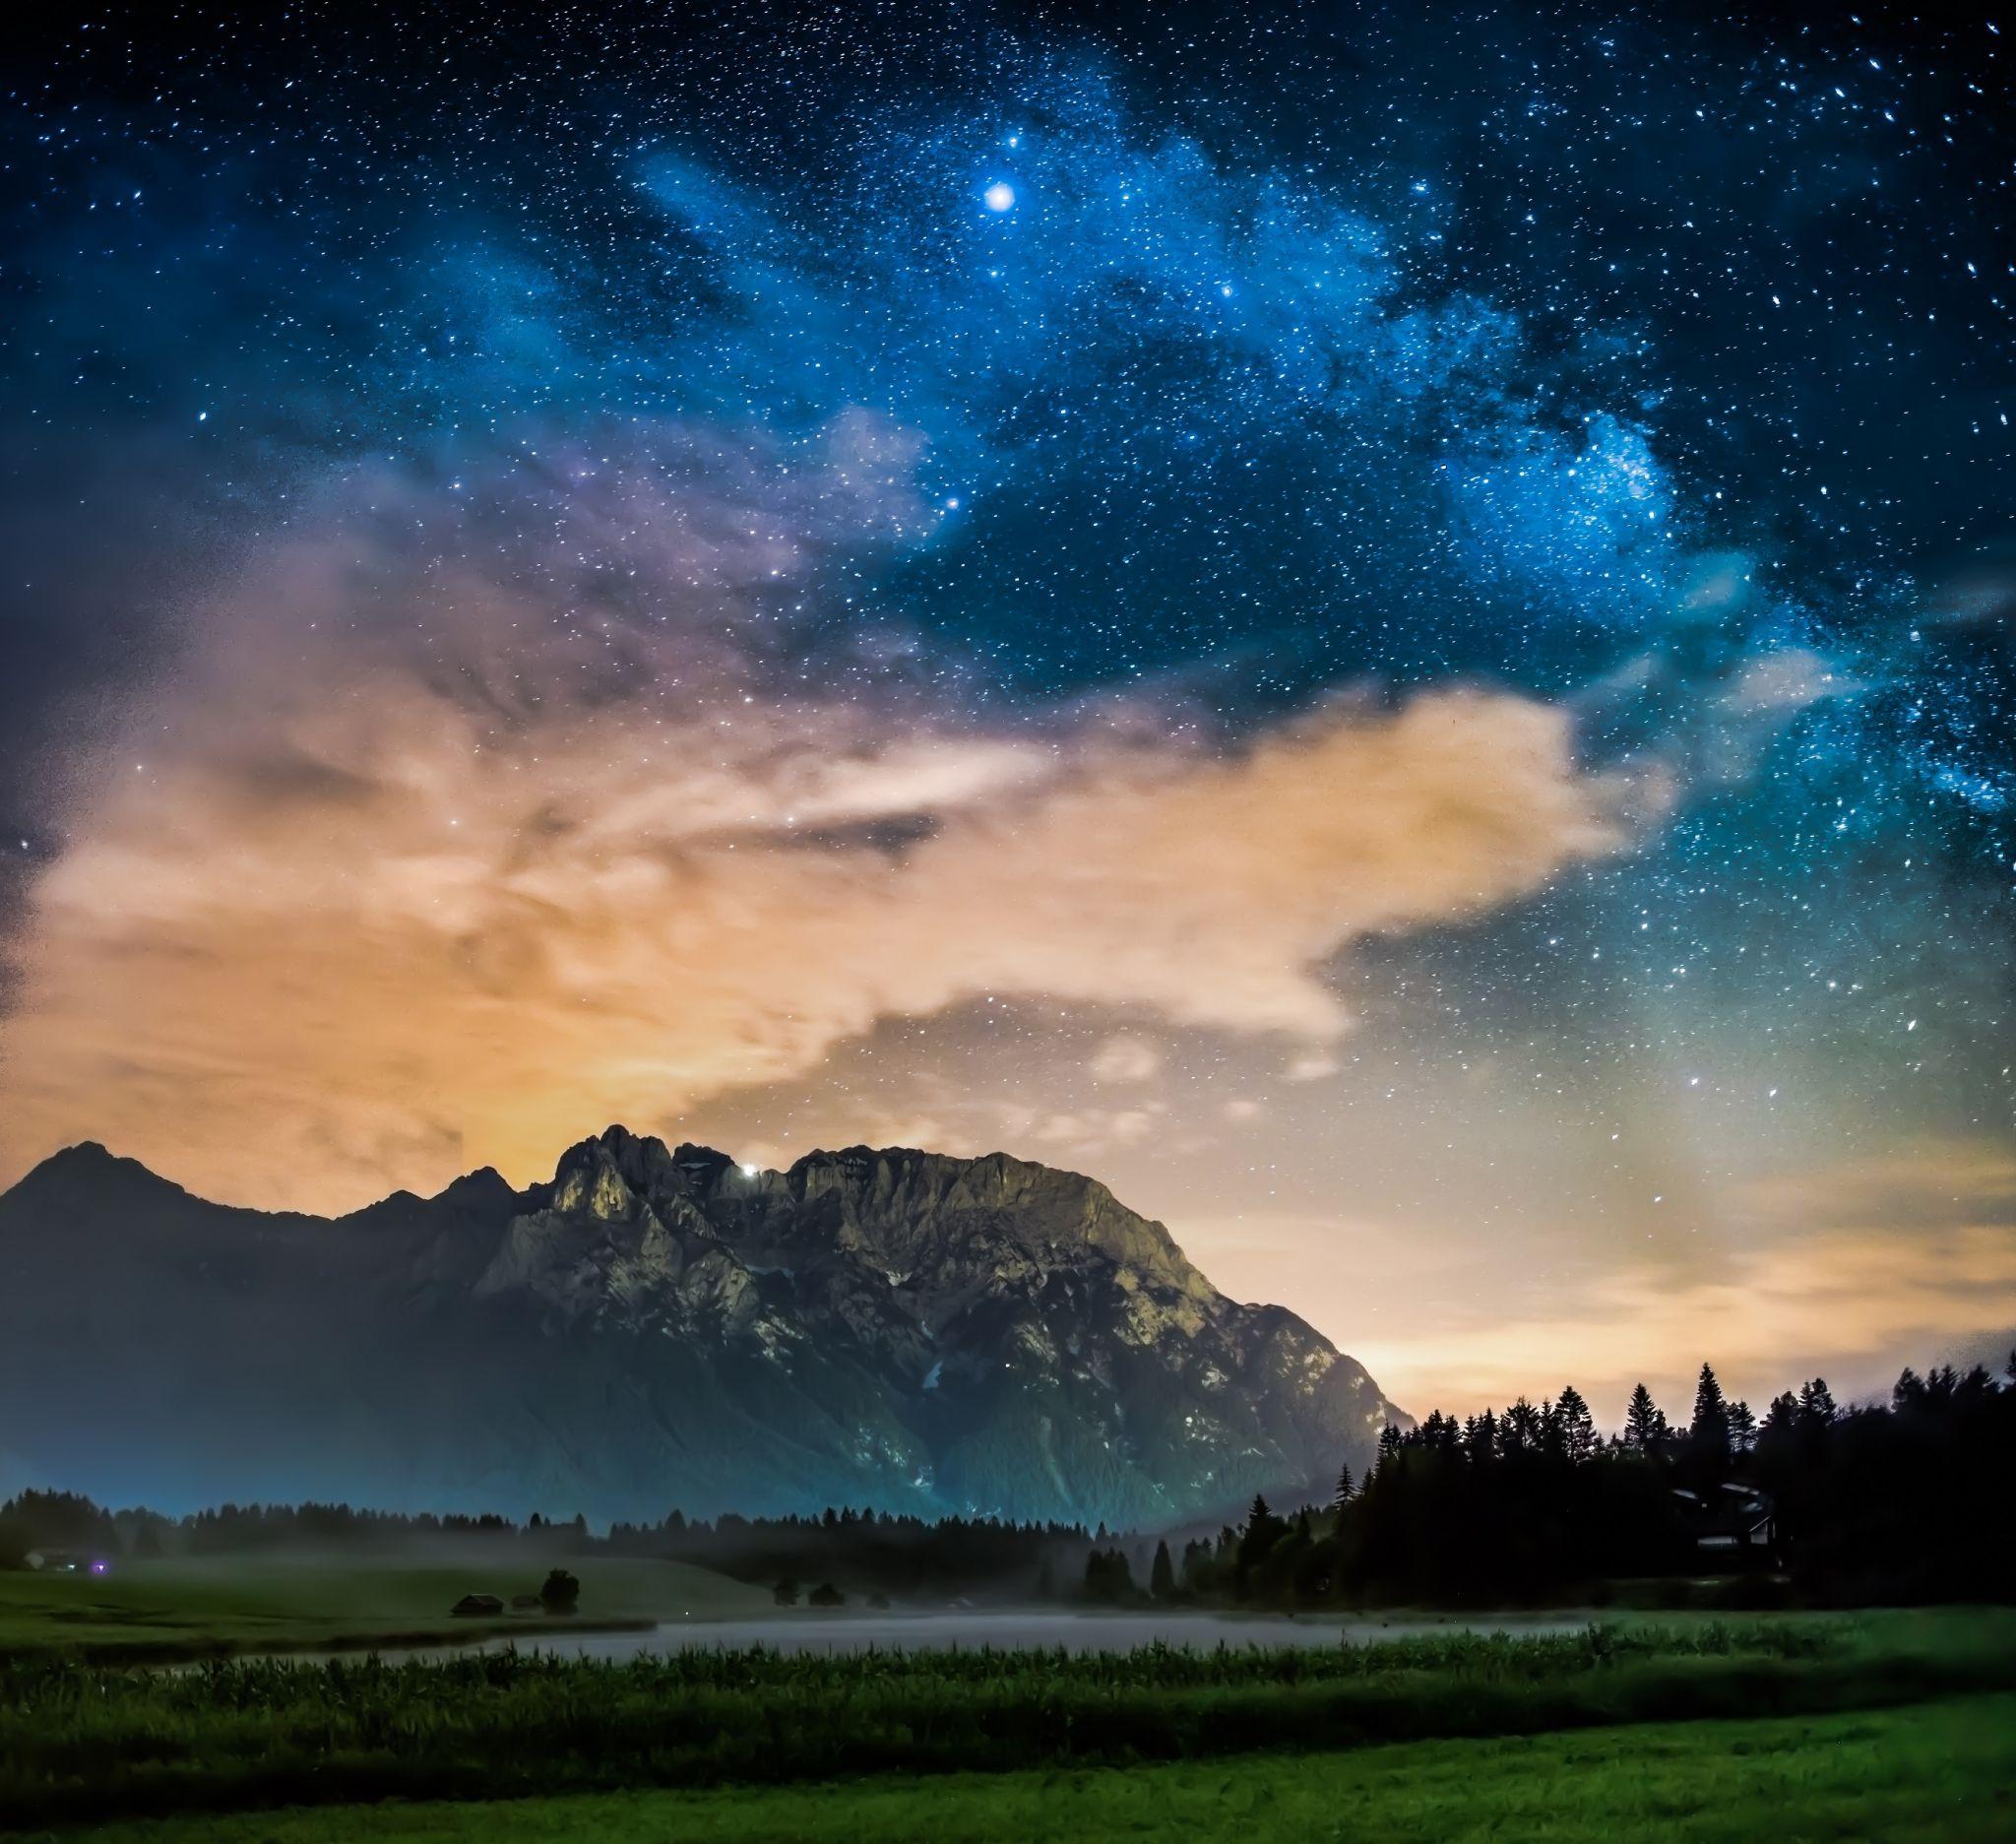 Karwendel night, Germany